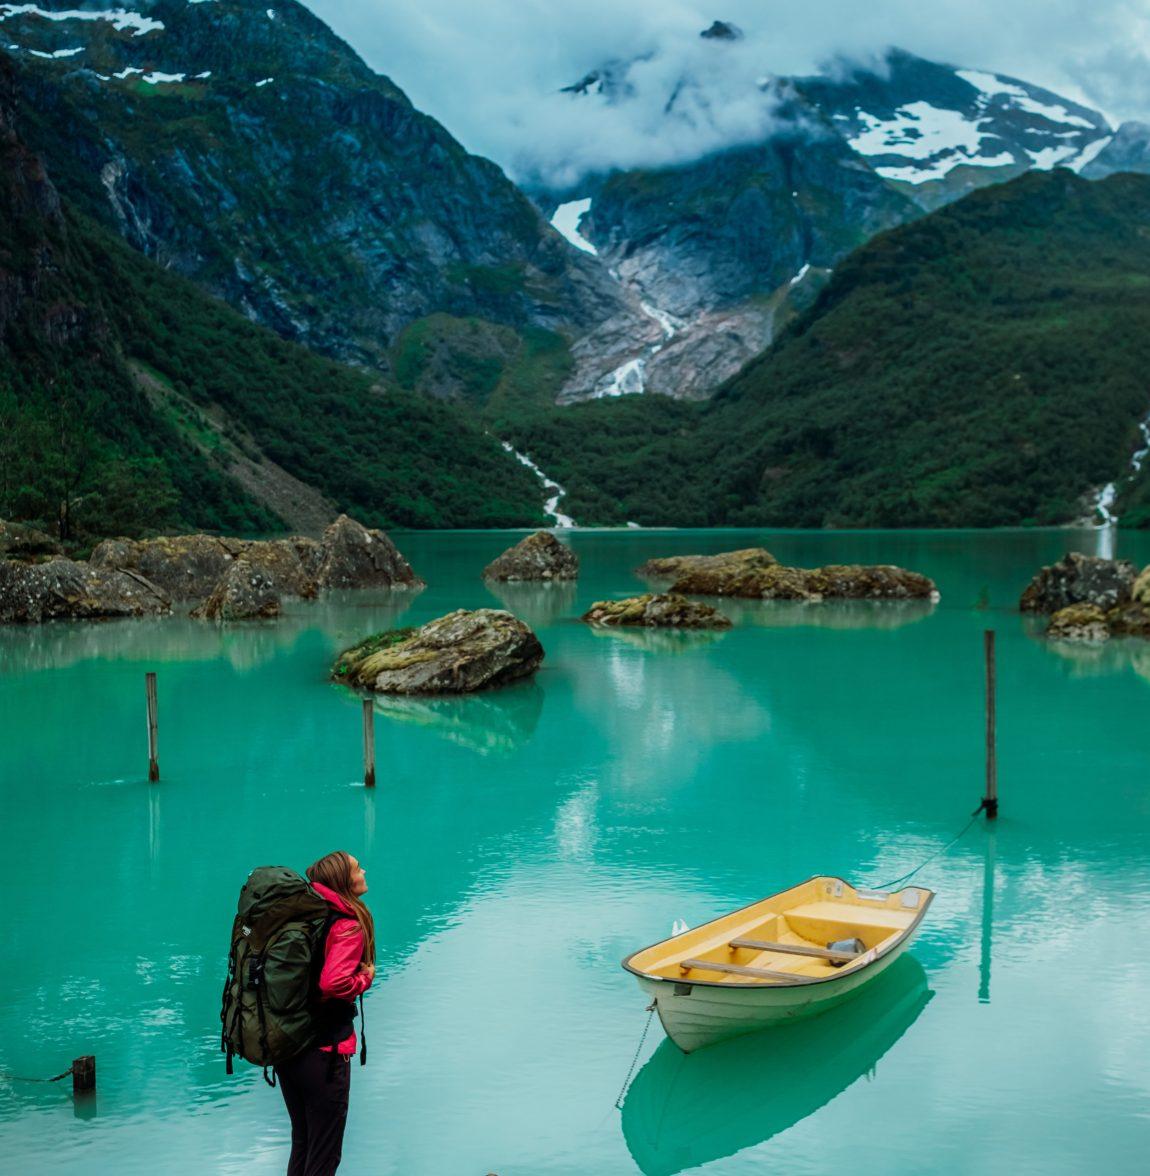 Her ser vi Helene stående ved Bondhusvatnet. Dette er en innsjø godt kjent for sine svært grønne fargetone. Men selv om dette var destinasjonen, stirrer Helene heller opp mot de høye fjelltoppene som omkranser det lille vannet.